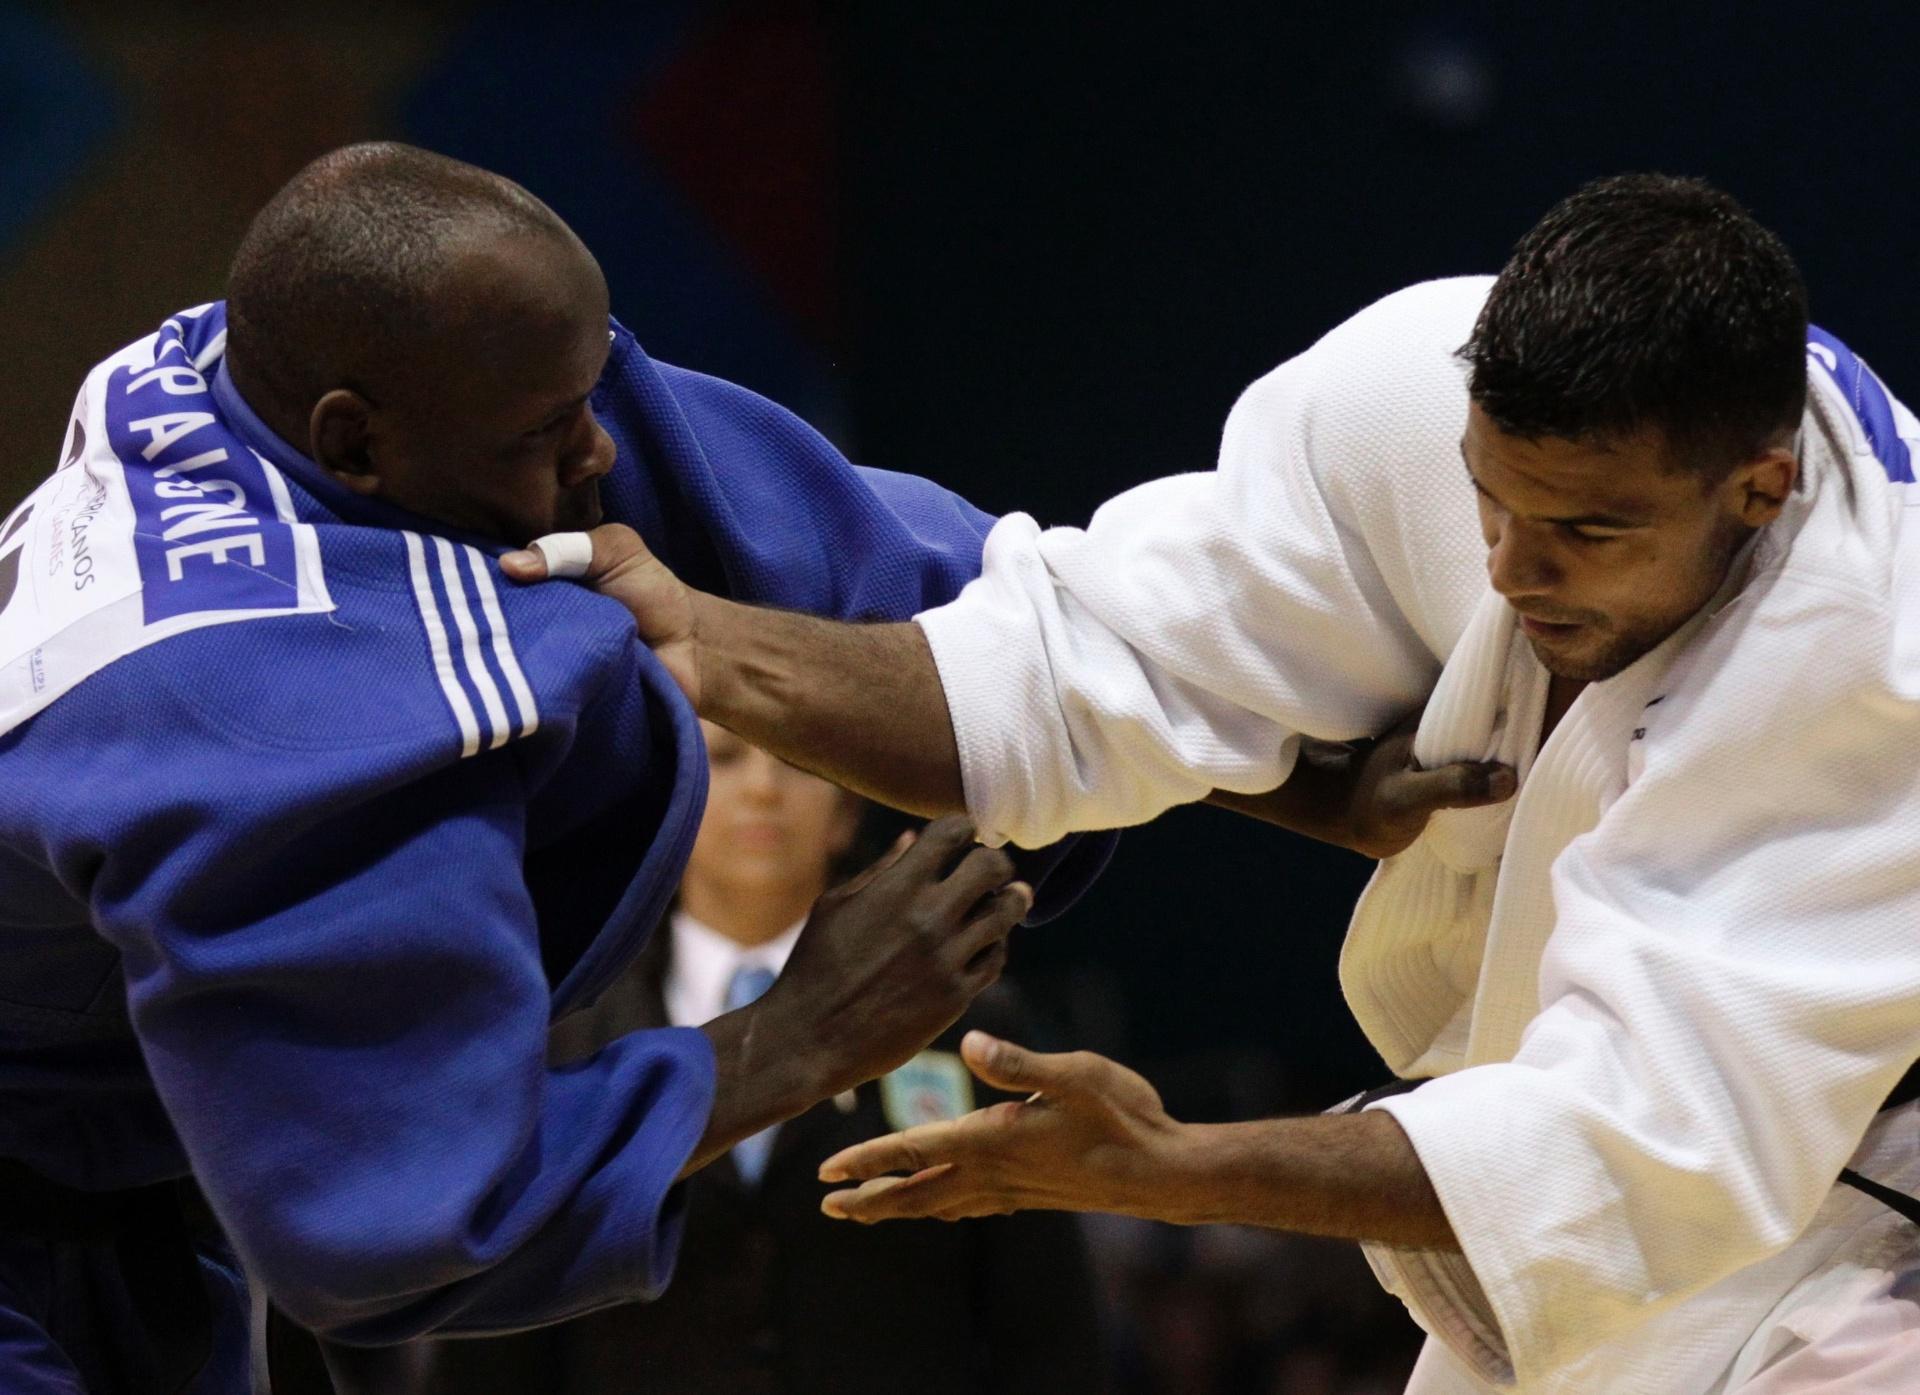 O judoca brasileiro Luciano Correa (branco) e o cubano Oreydi Despaigne em um momento carinhoso em Guadalajara